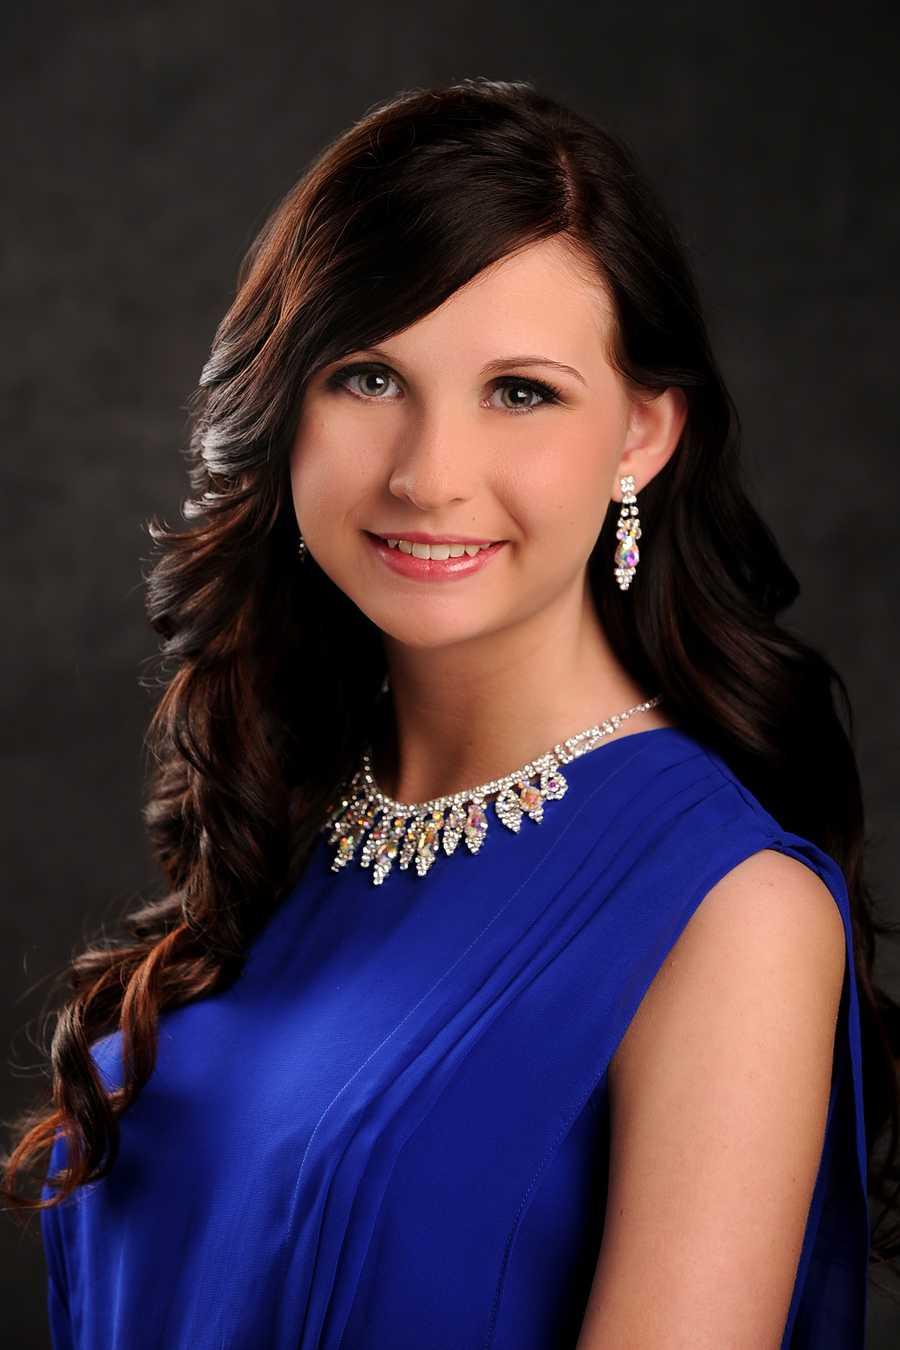 Taylor Granada, Miss Clovis